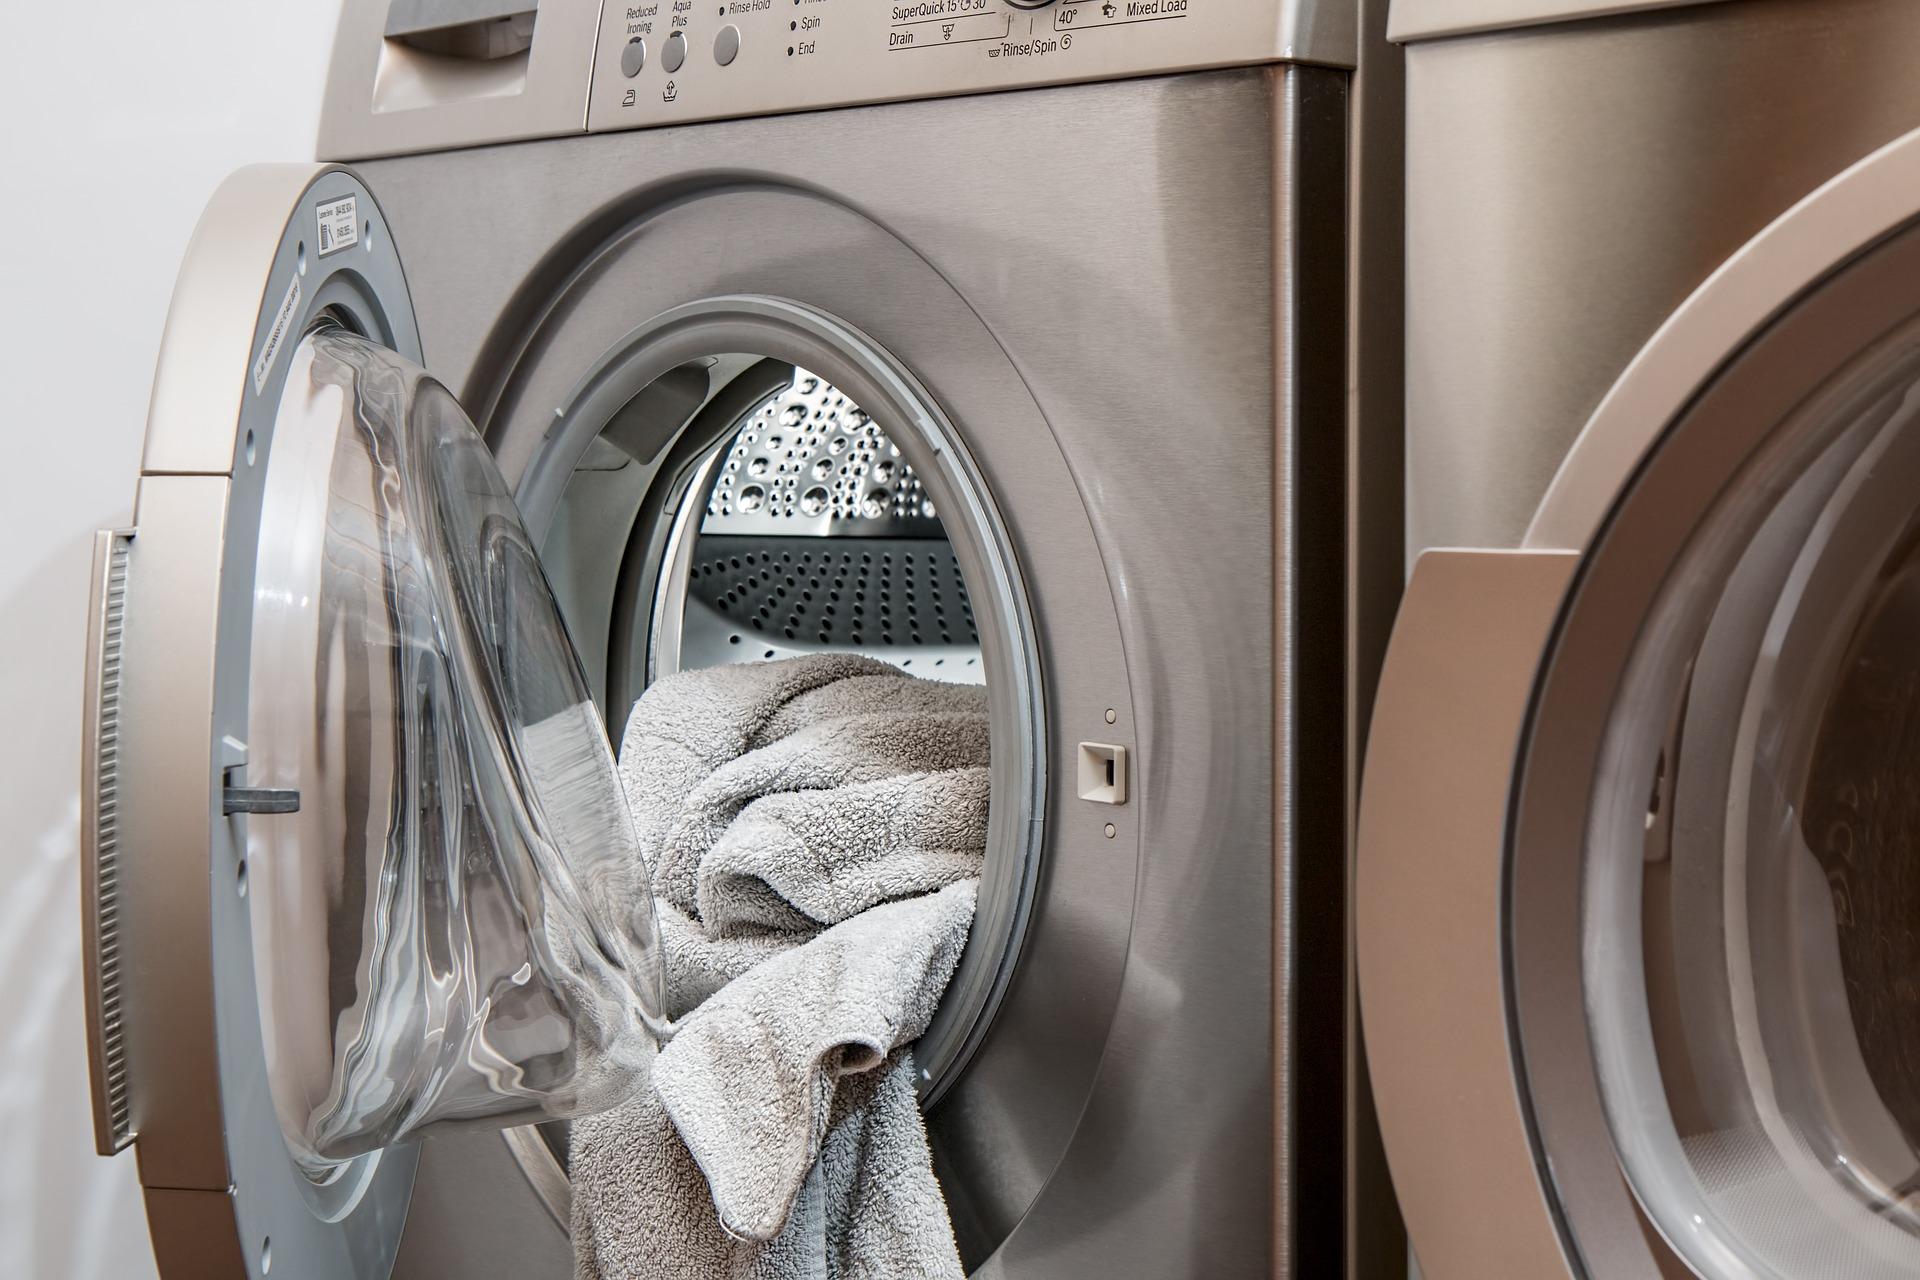 Når vaskemaskinen er vedligeholdt bruger den mindre energi